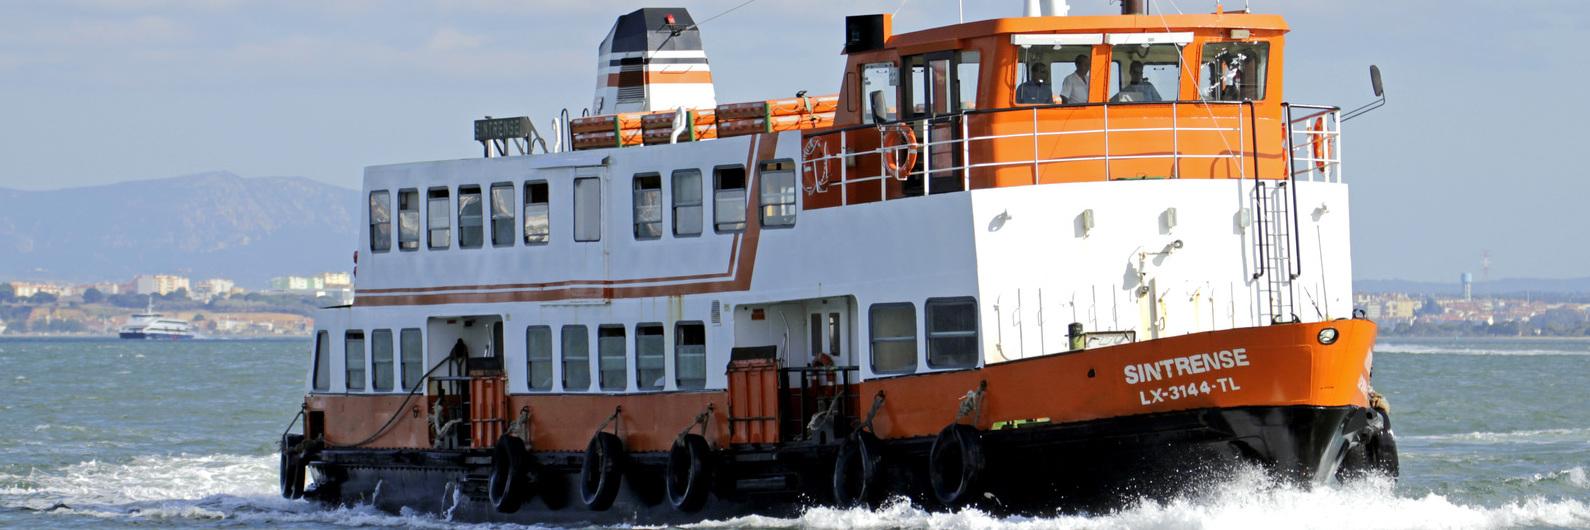 Governo vai investir 10 milhões de euros na frota da Transtejo e Soflusa